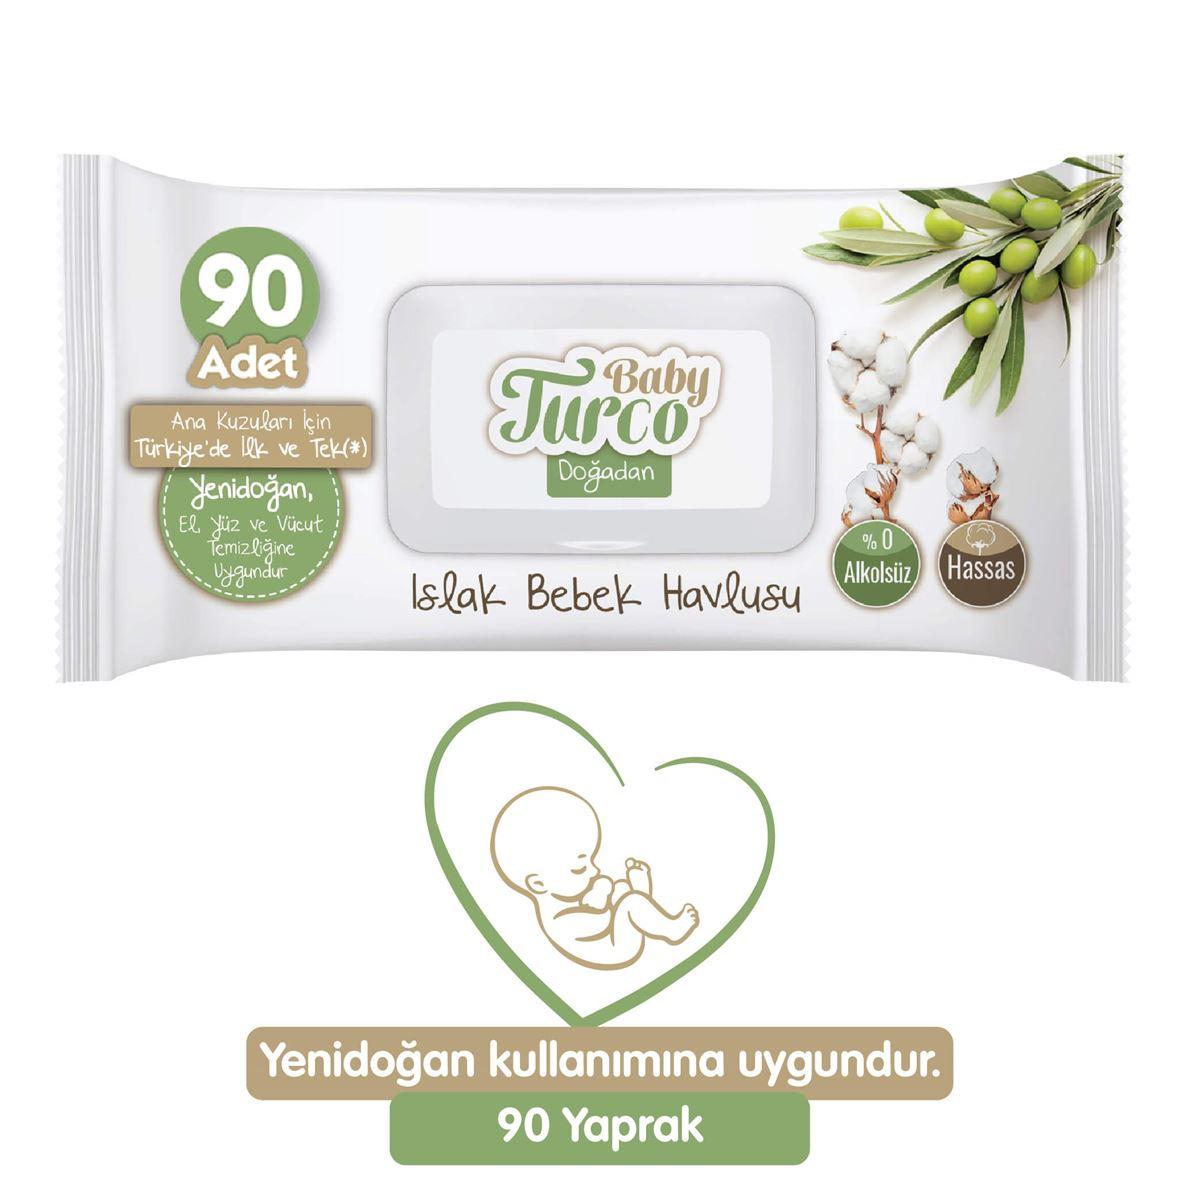 Baby Turco Doğadan Yenidoğan Islak Bebek Havlusu 90 Yaprak